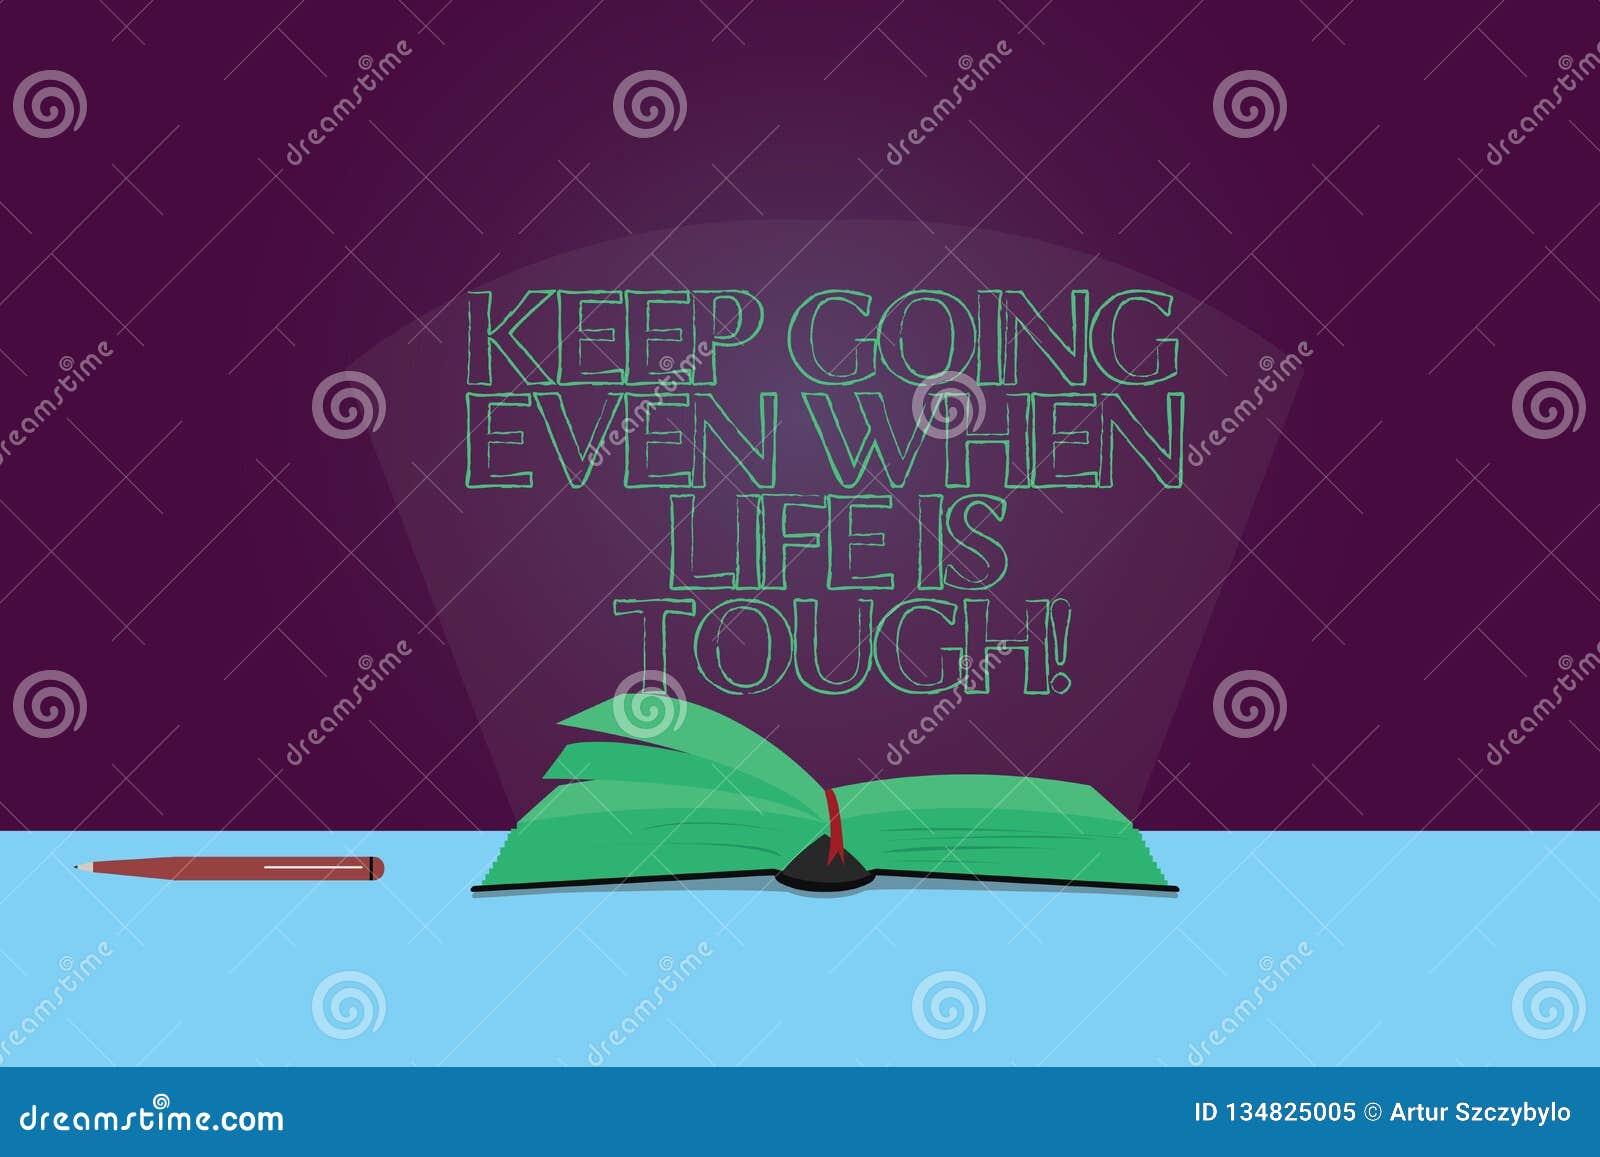 Handschriftstext halten zu gehen, selbst wenn das Leben stark ist Überwundene Schwierigkeiten des Konzeptes Bedeutung, Ihre Ziele